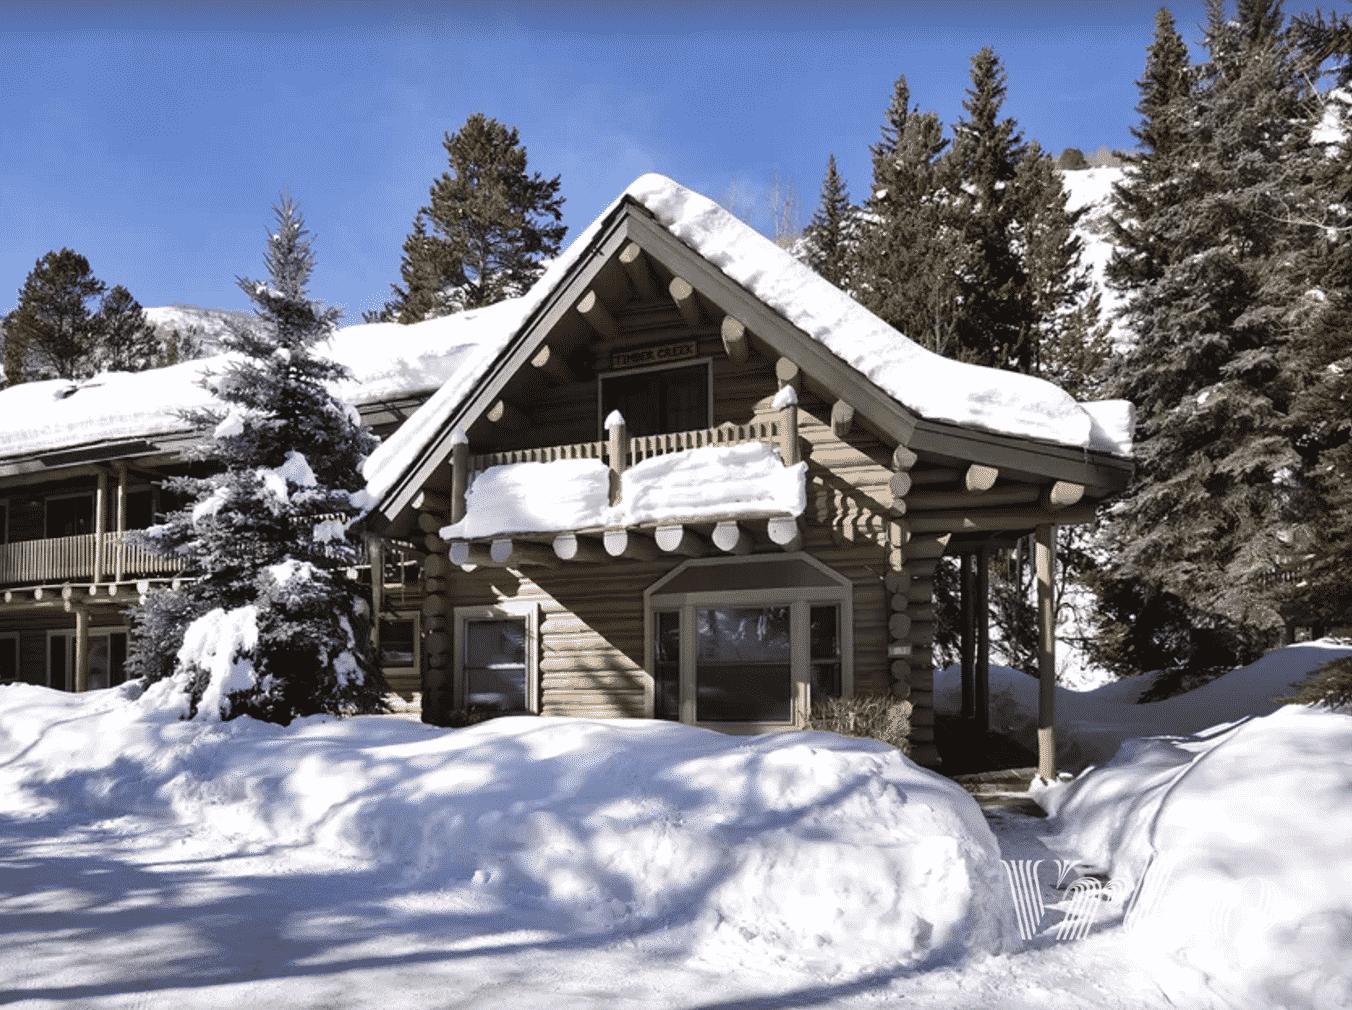 vrbo-snow-on-cabin